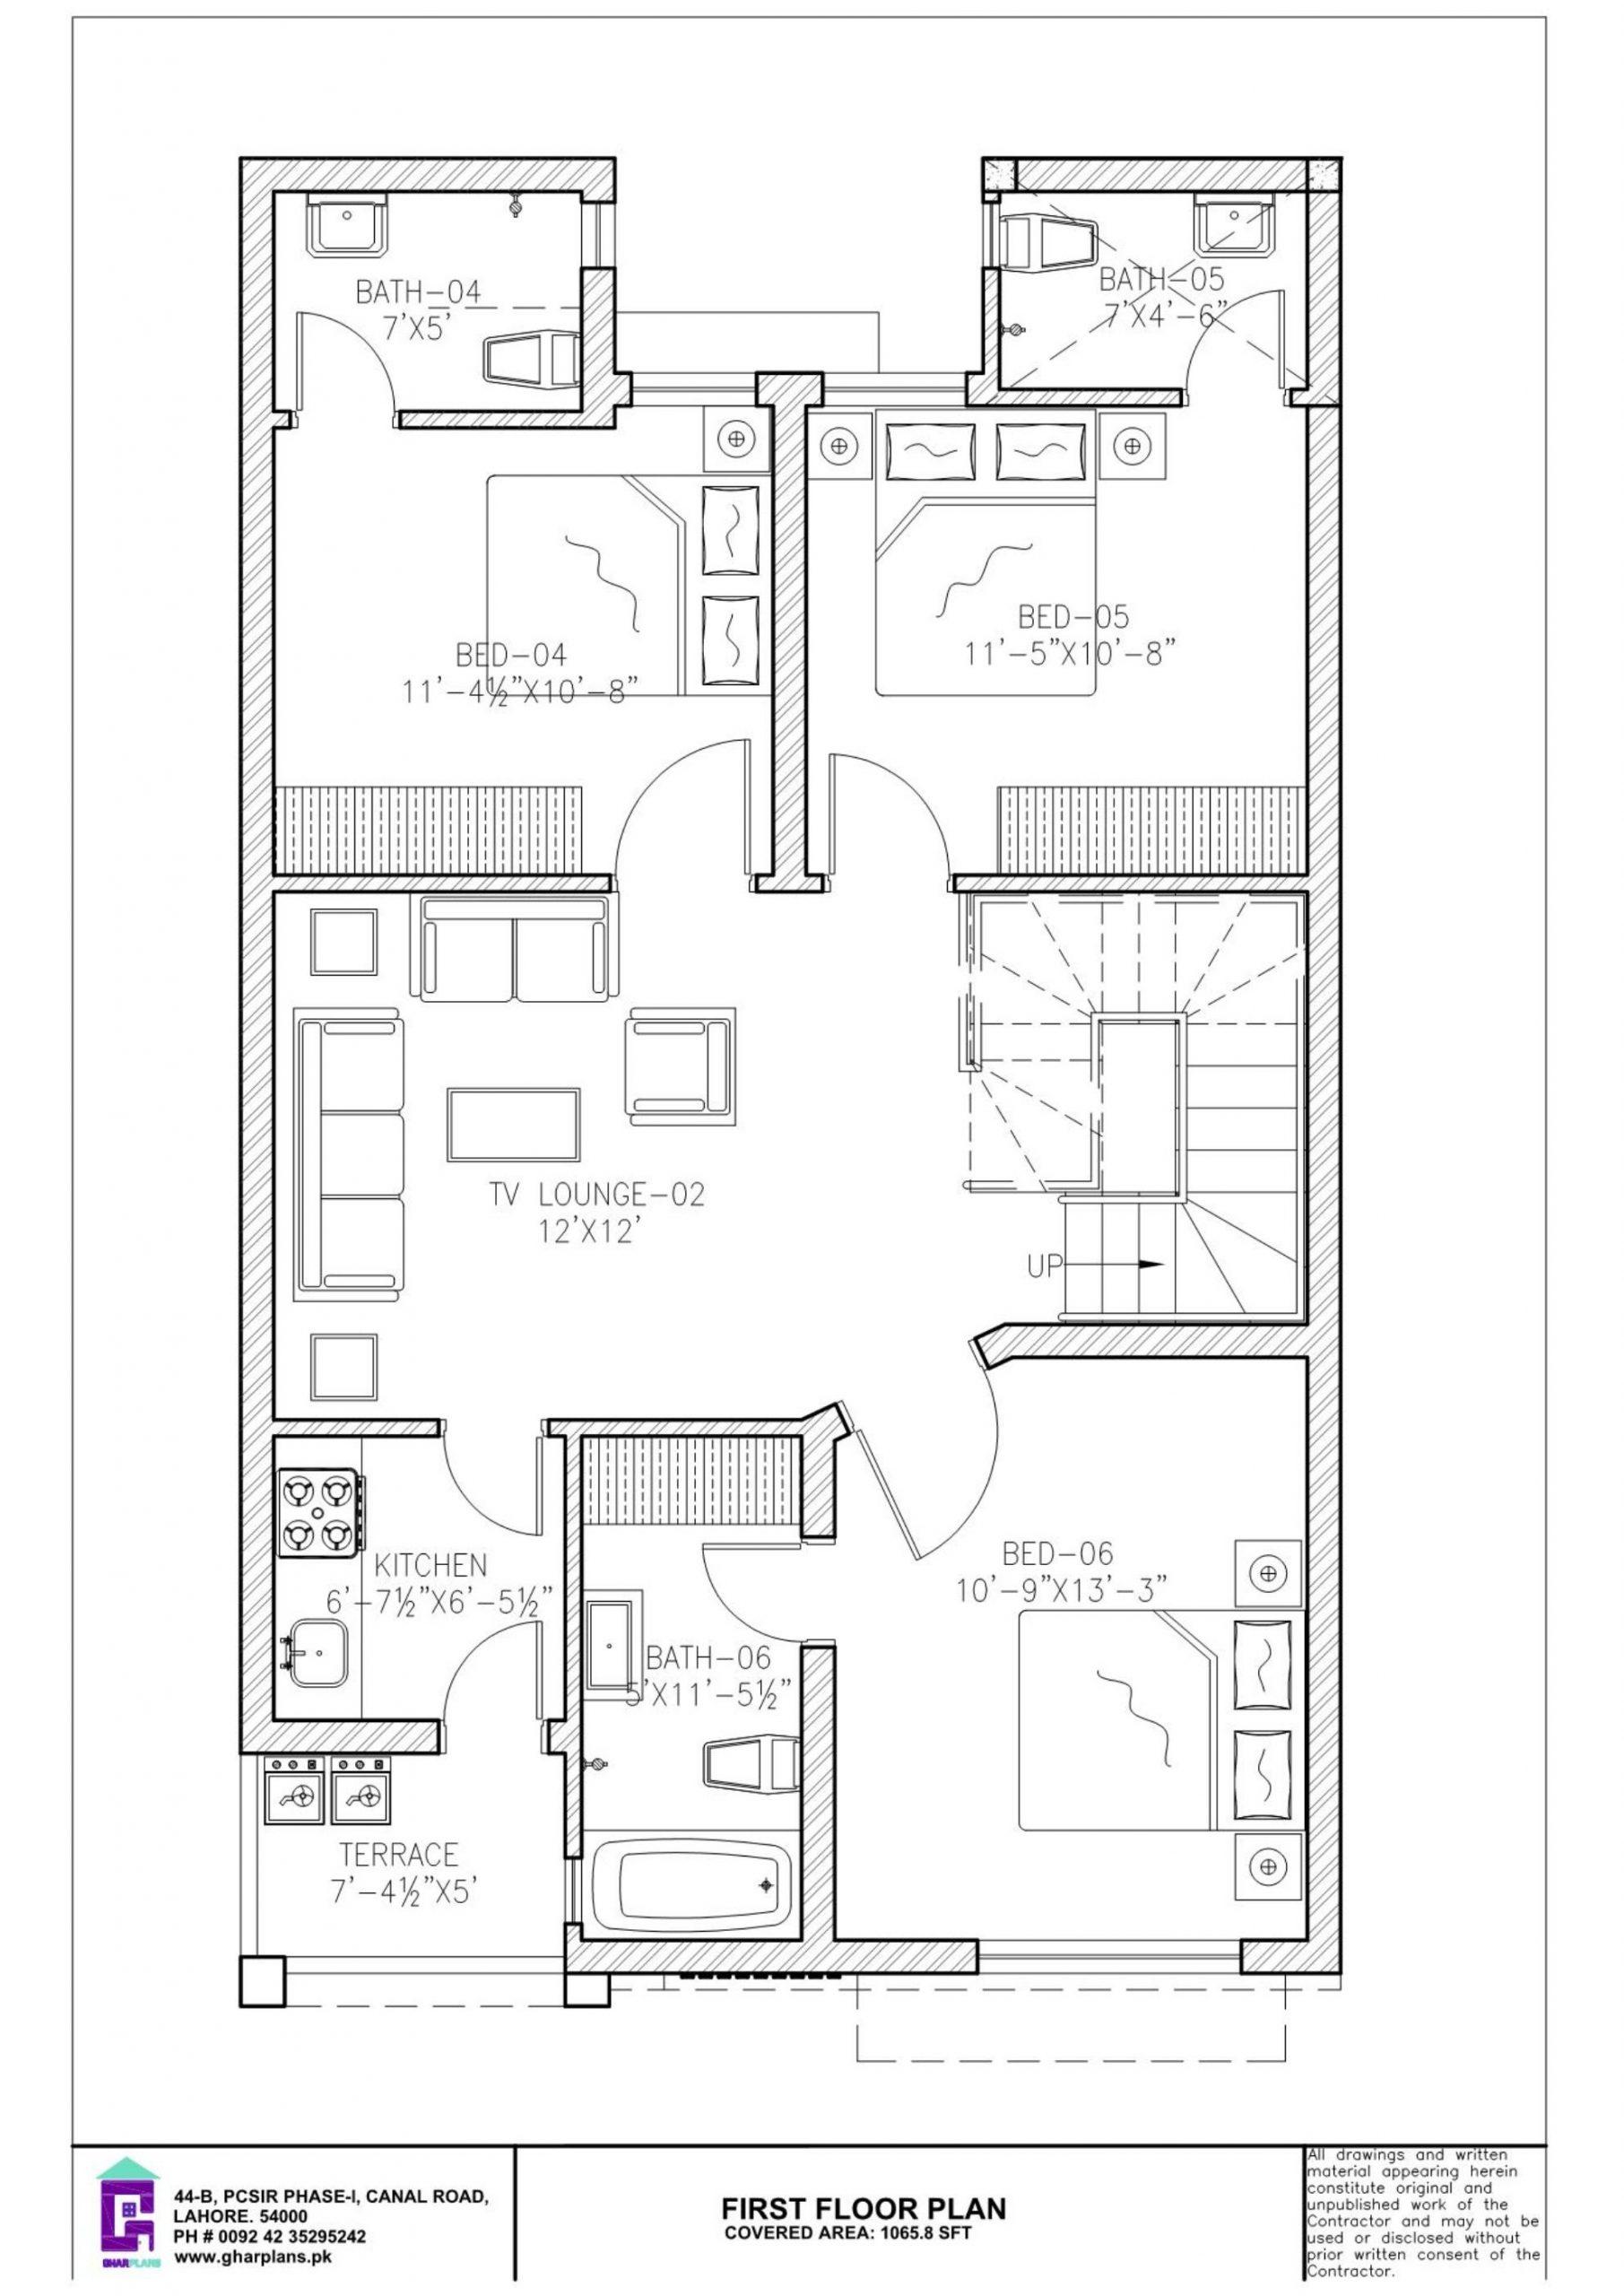 6 Bedroom 5 Marla First Floor Plan